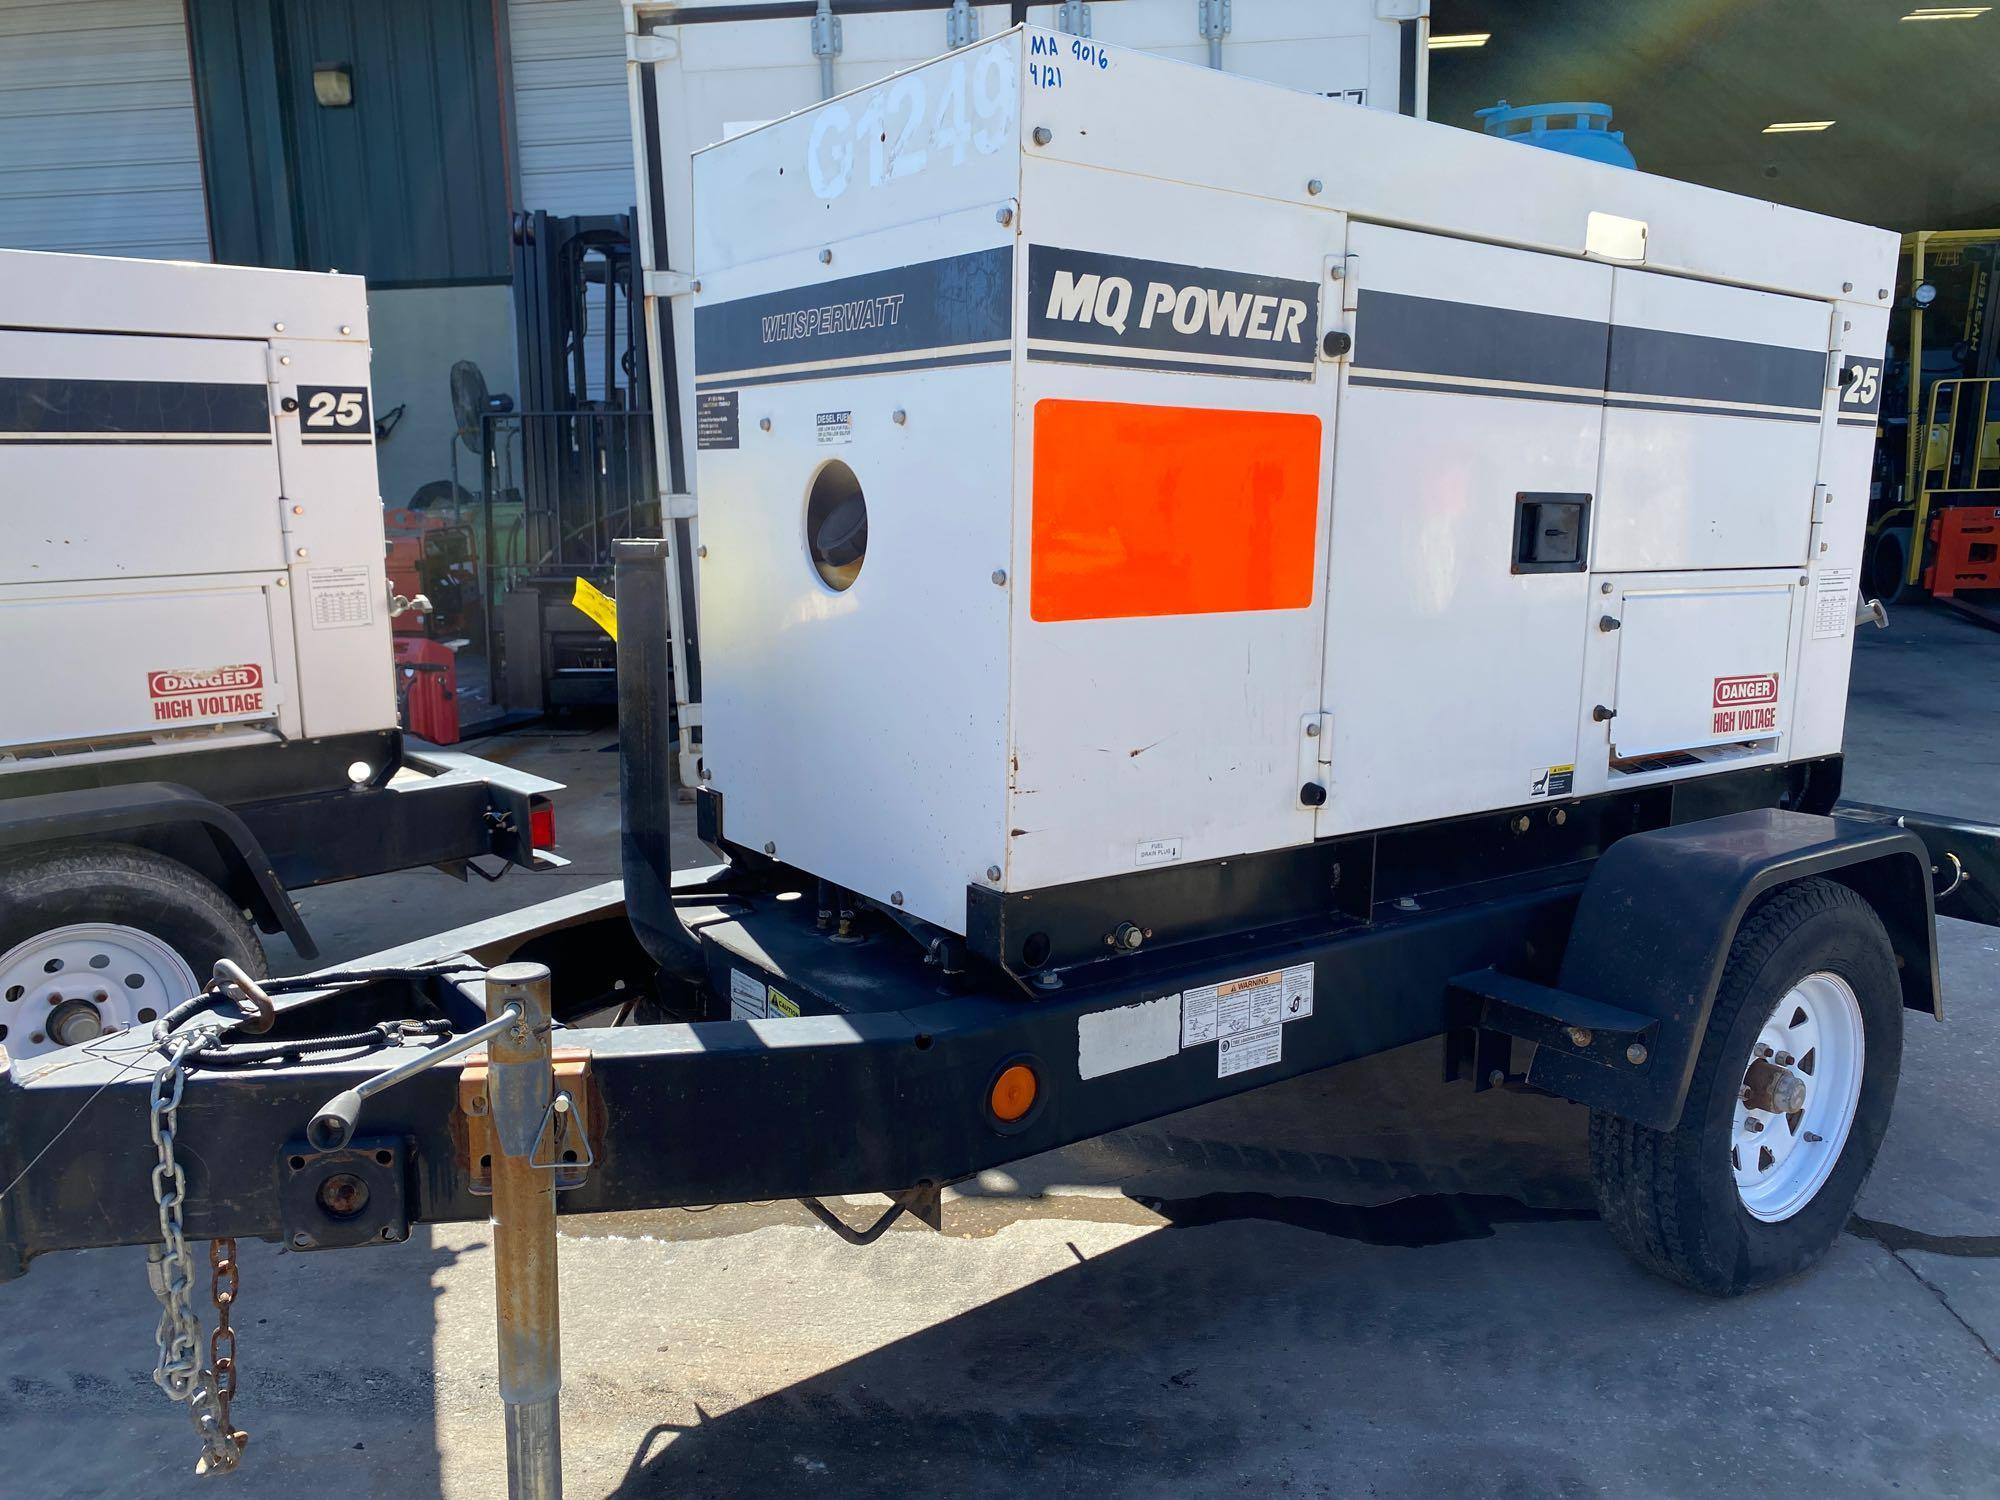 2012 WHISPERWATT MQ POWER DIESEL GENERATOR, TRAILER MOUNTED, 20KW, 25KVA, RUNS AND OPERATES - Image 6 of 10